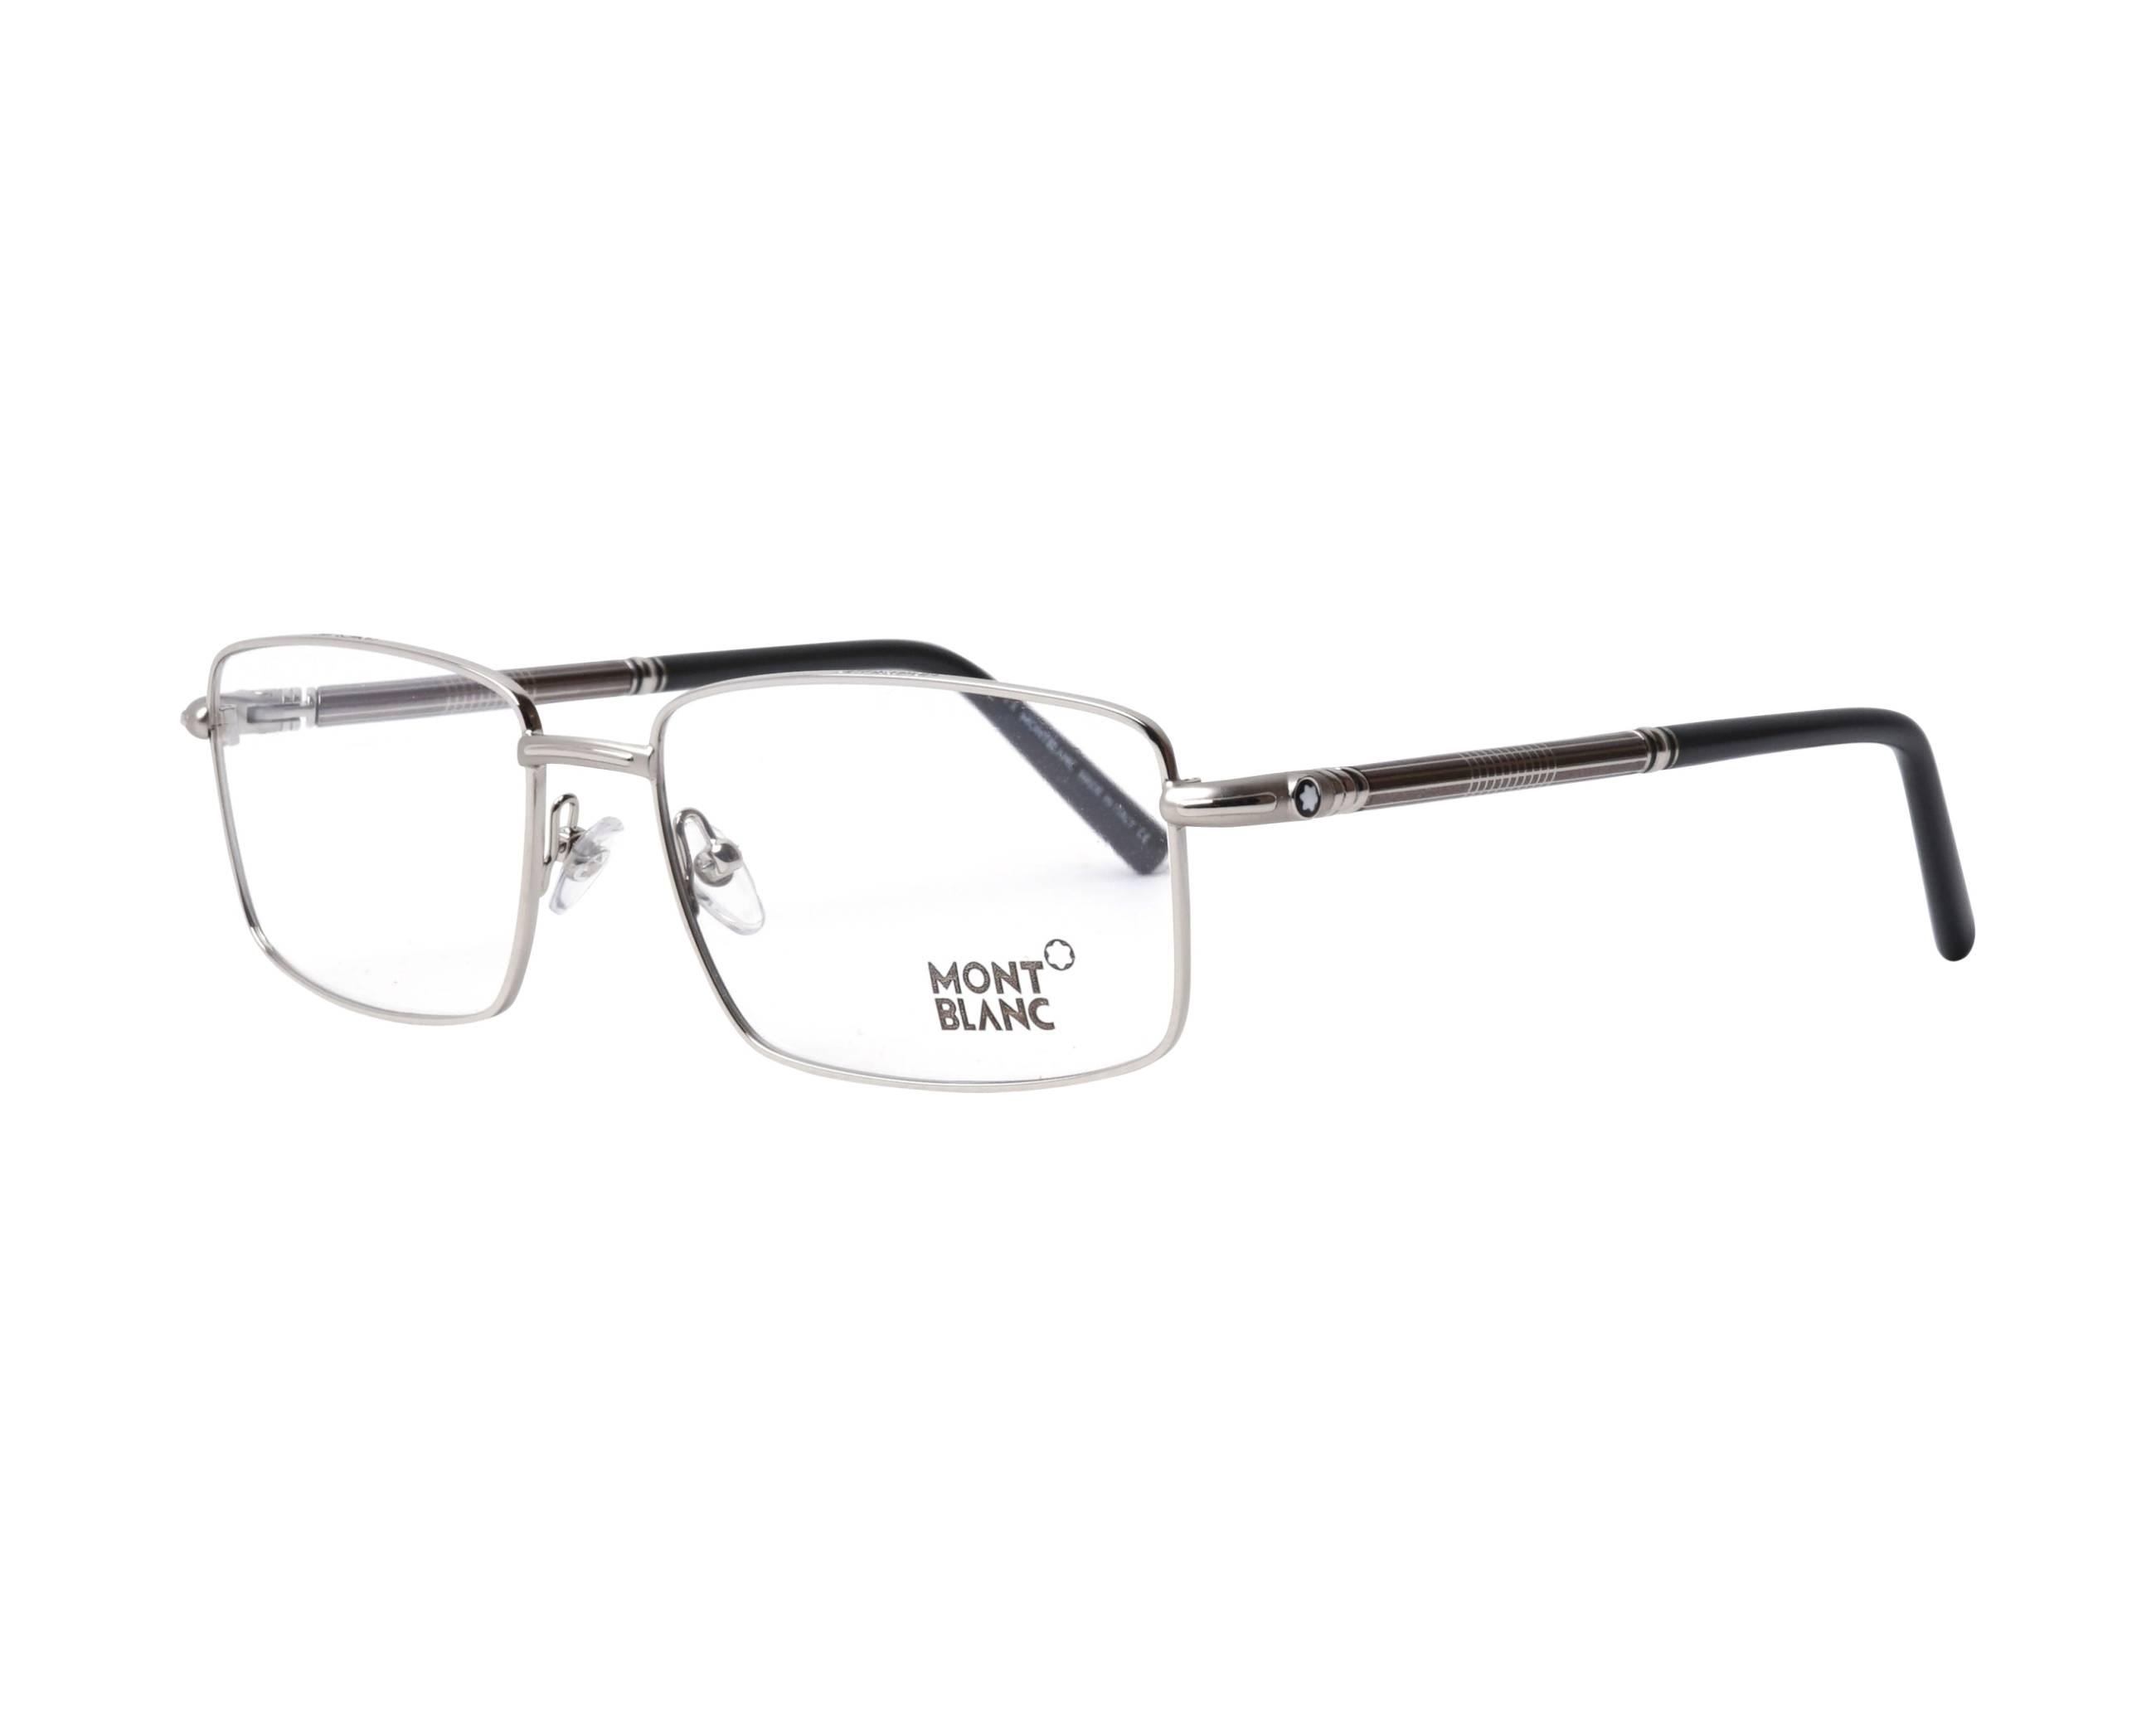 d02ab2b48d Gafas Graduadas Mont Blanc MB-531 016 56-17 Plata Gris vista de perfil